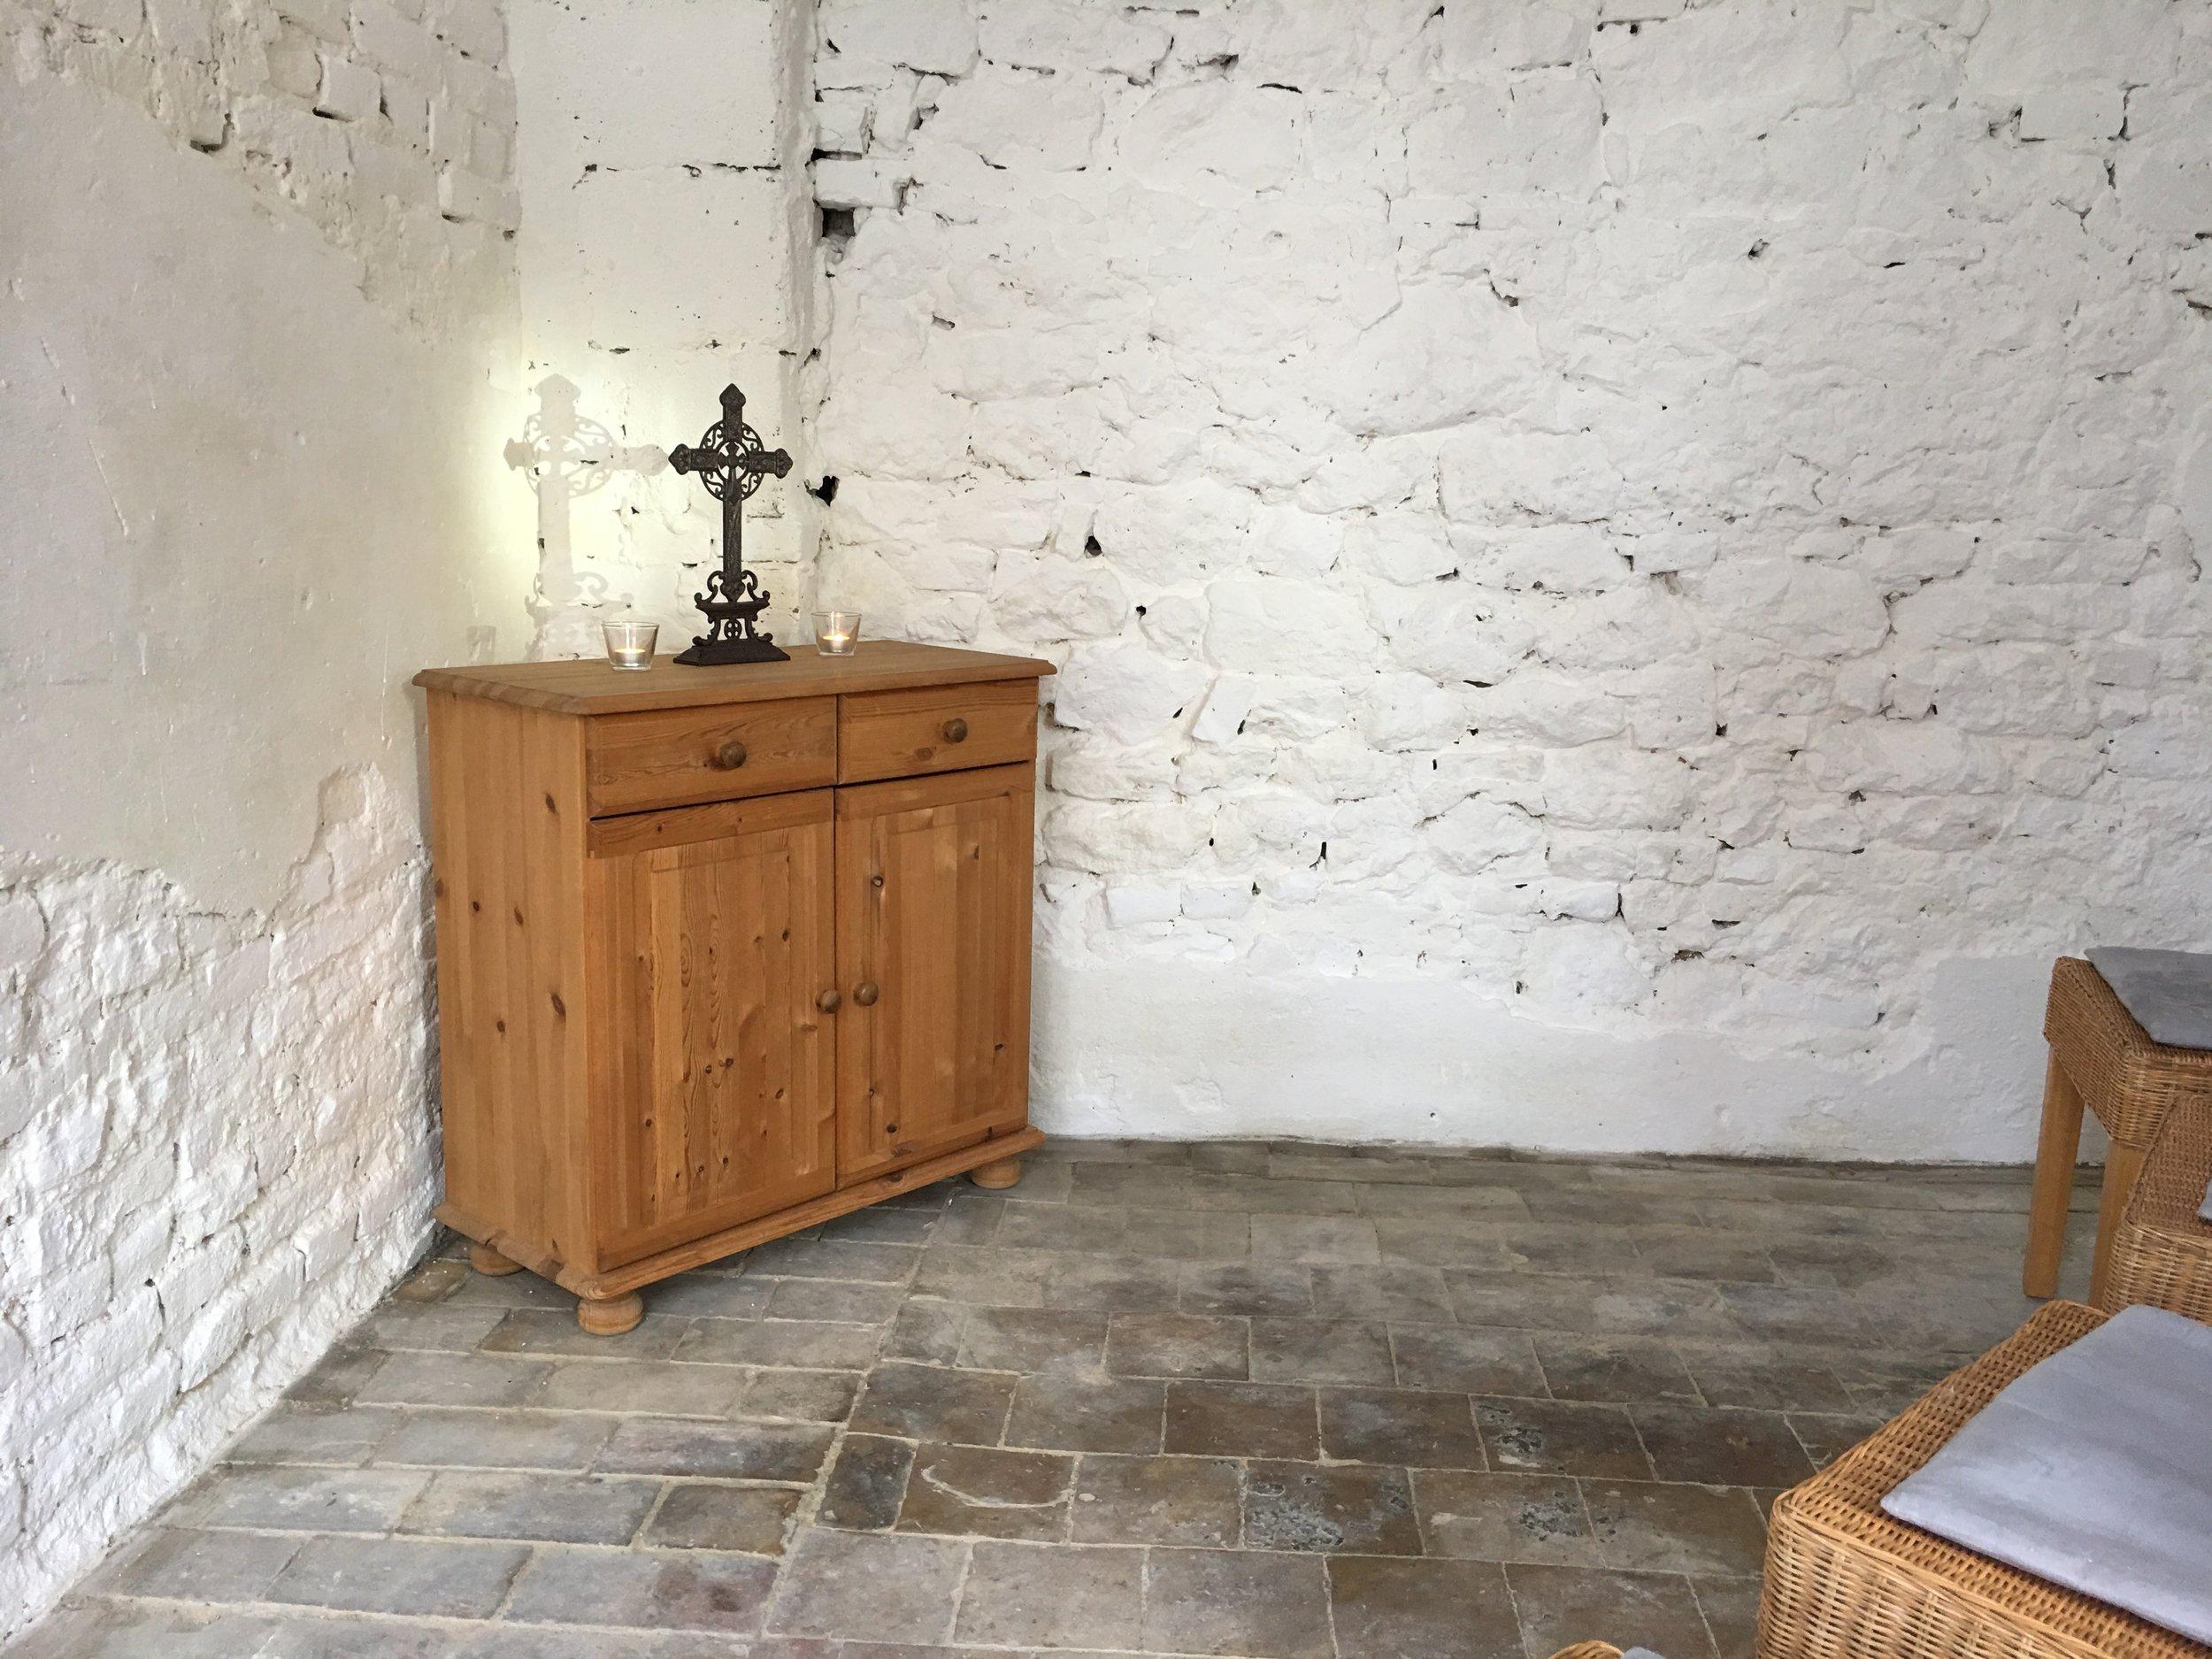 die Kapelle auf höhfelds hof